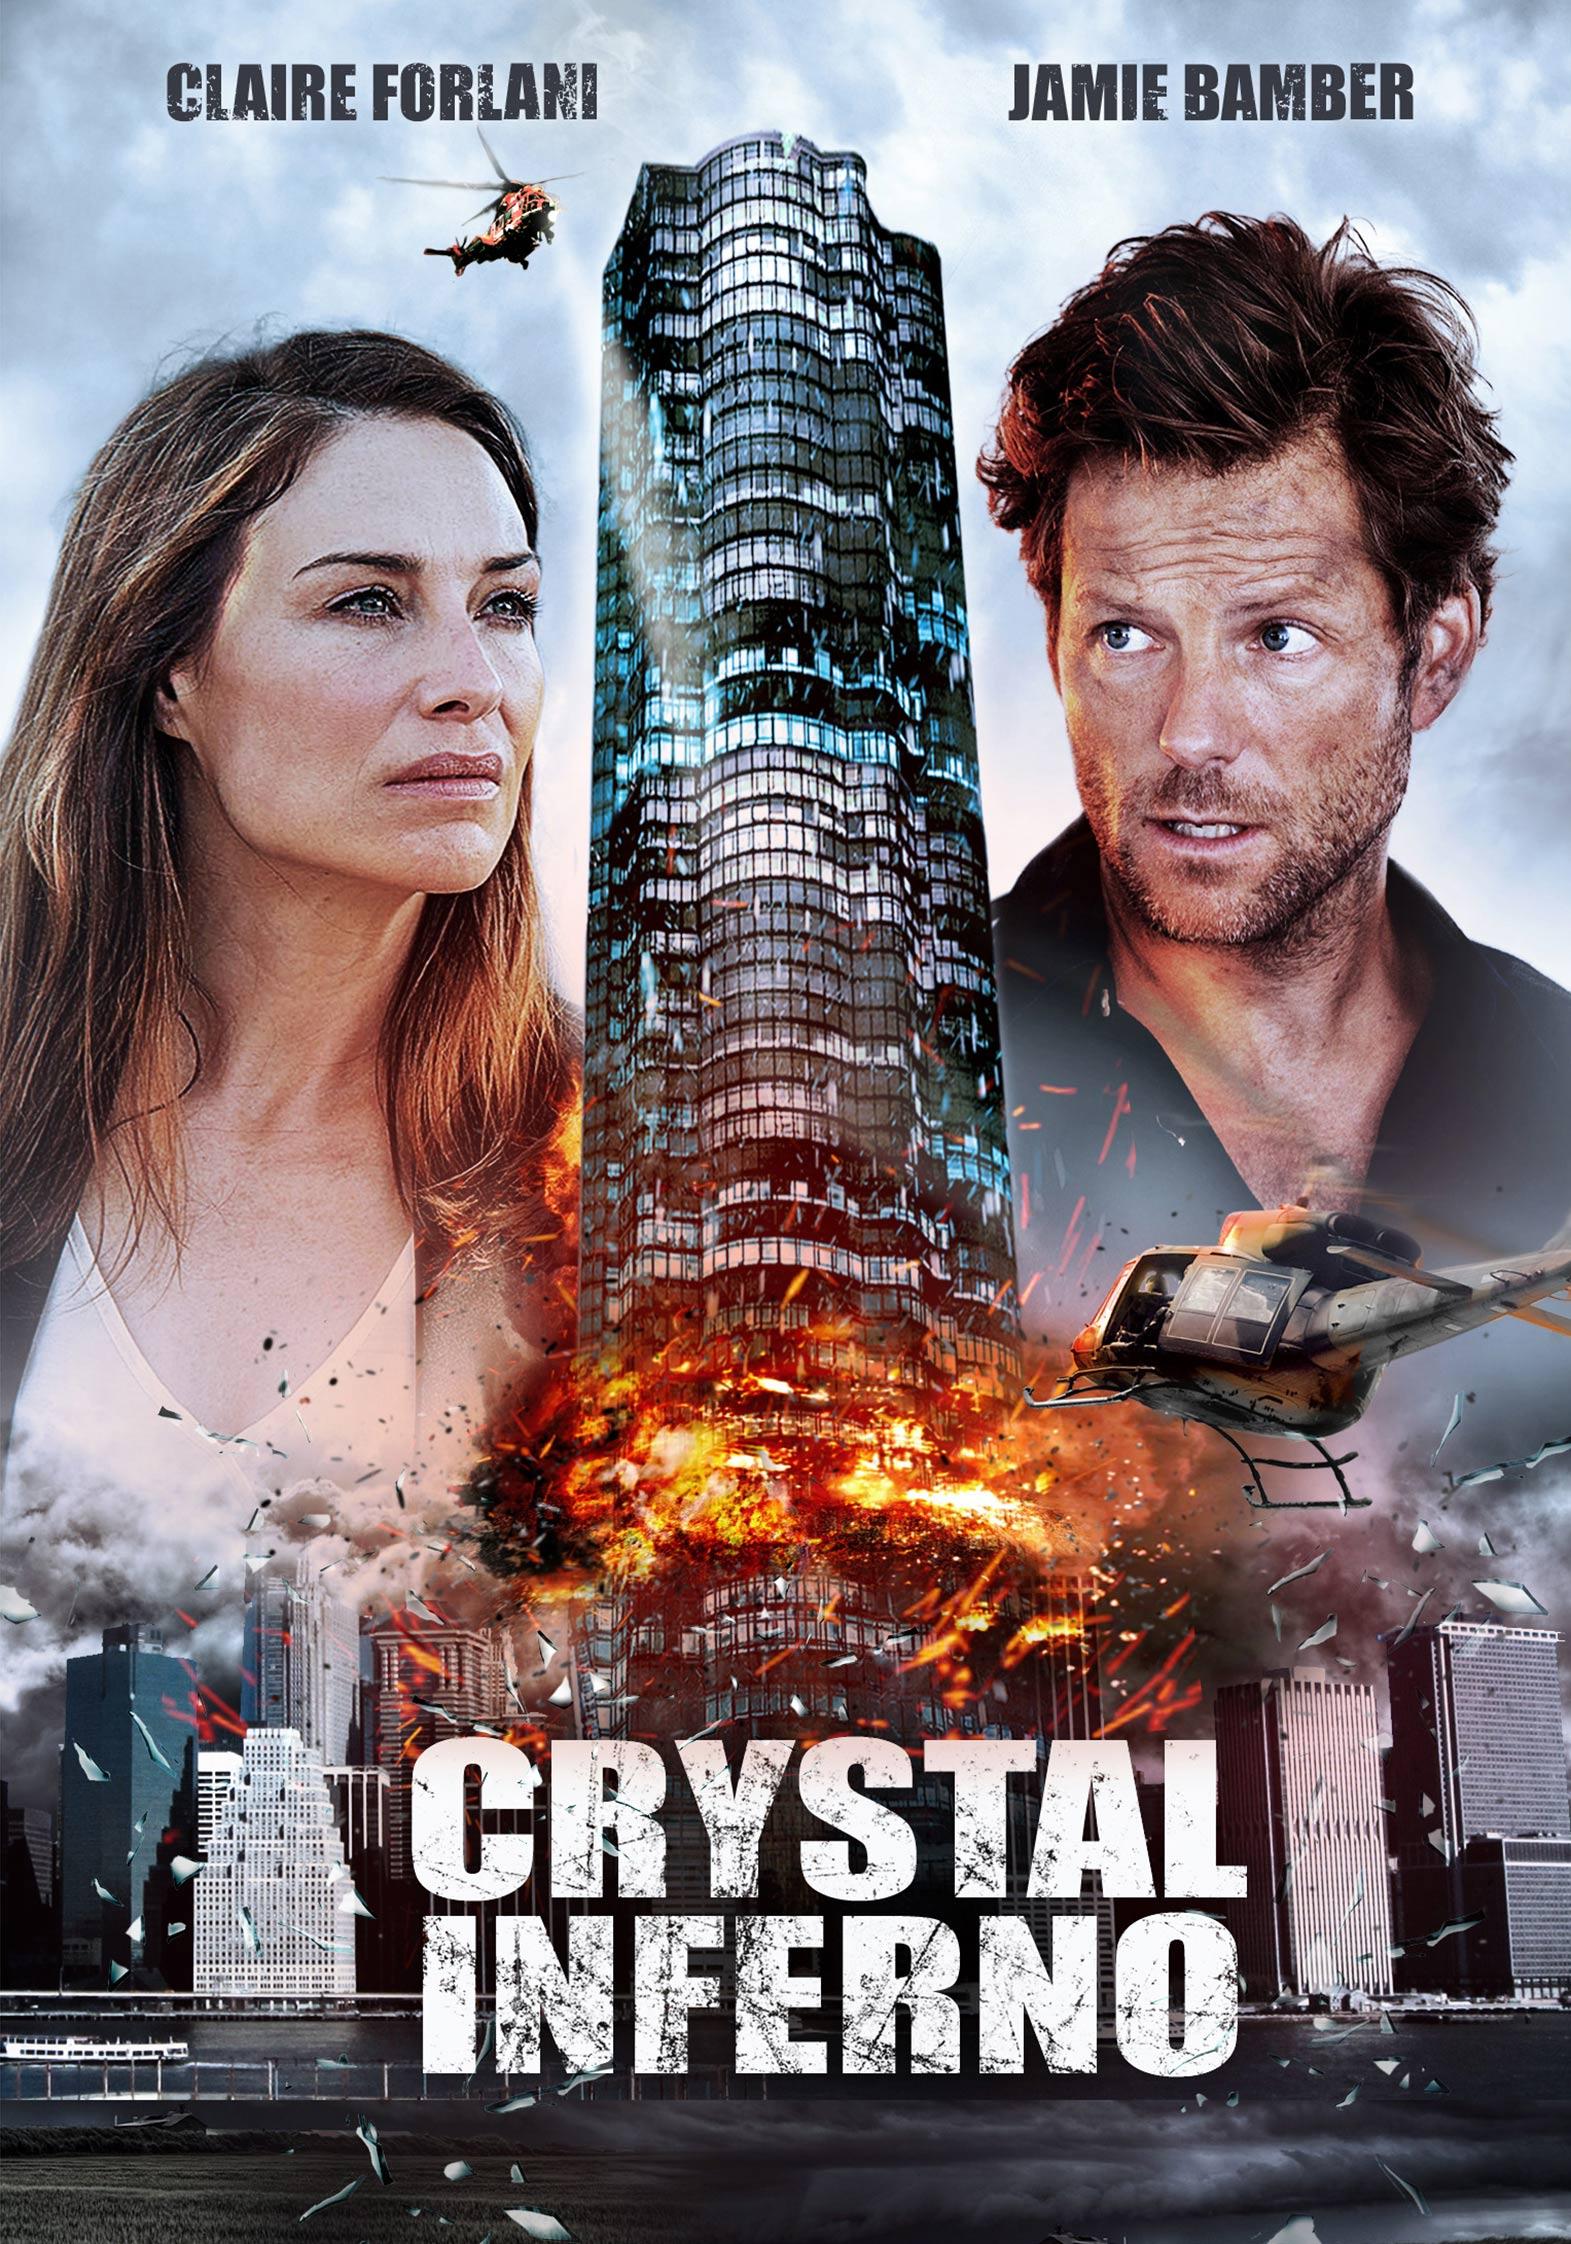 Adult clear crystal film star